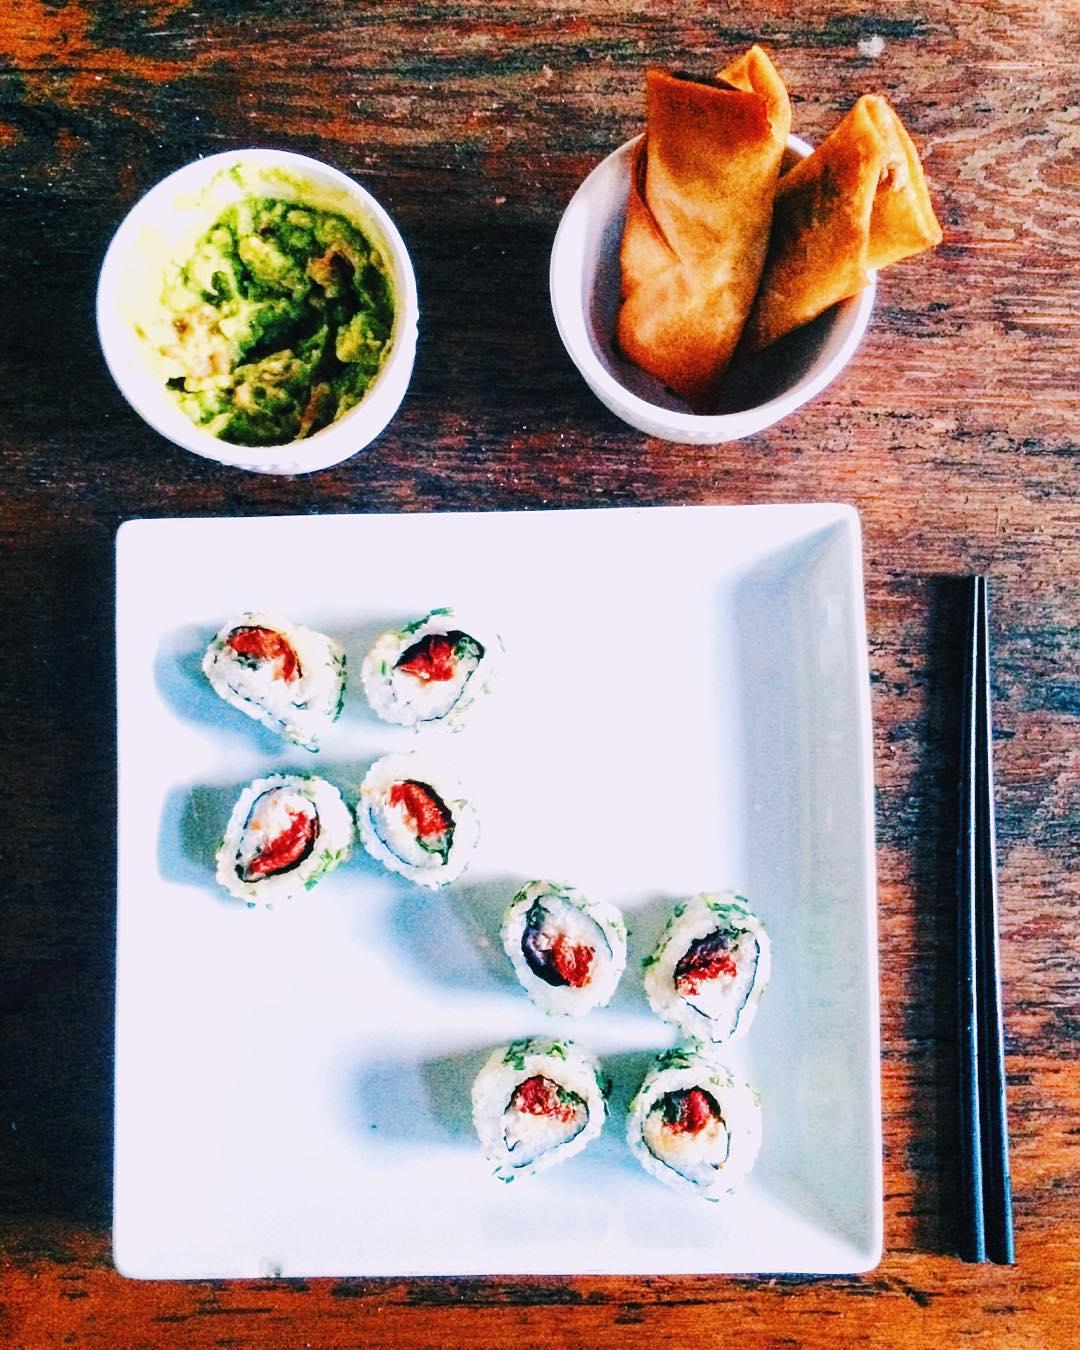 Hoy se cena tempranito arrolladitos primavera y sushi veggie con guacamole